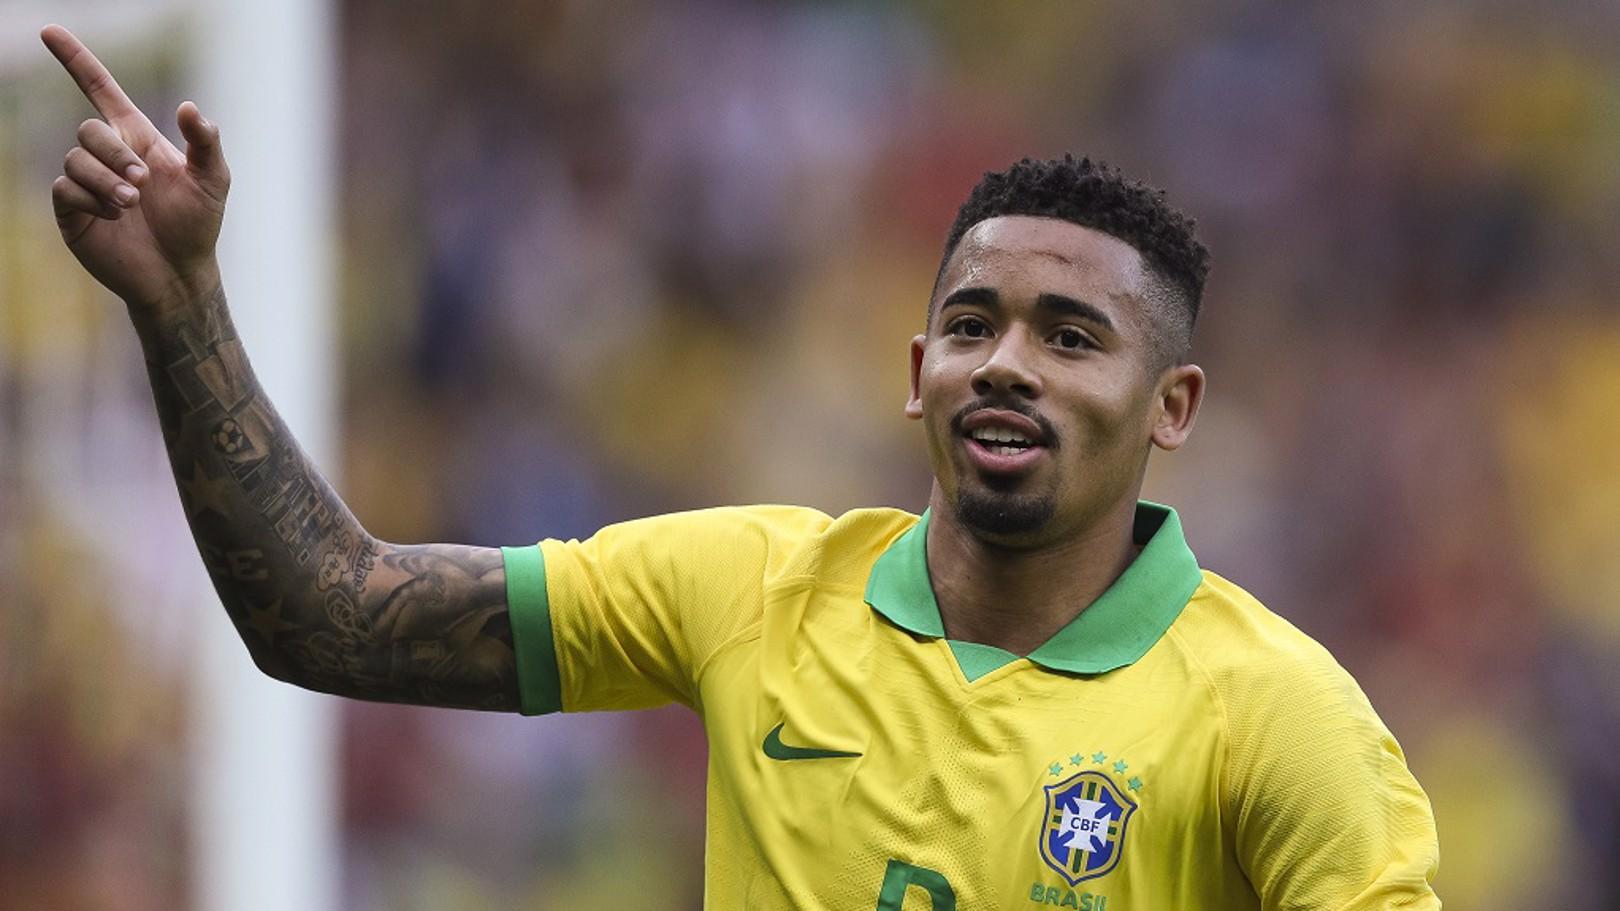 Copa América 2019 : Ce que vous devez savoir